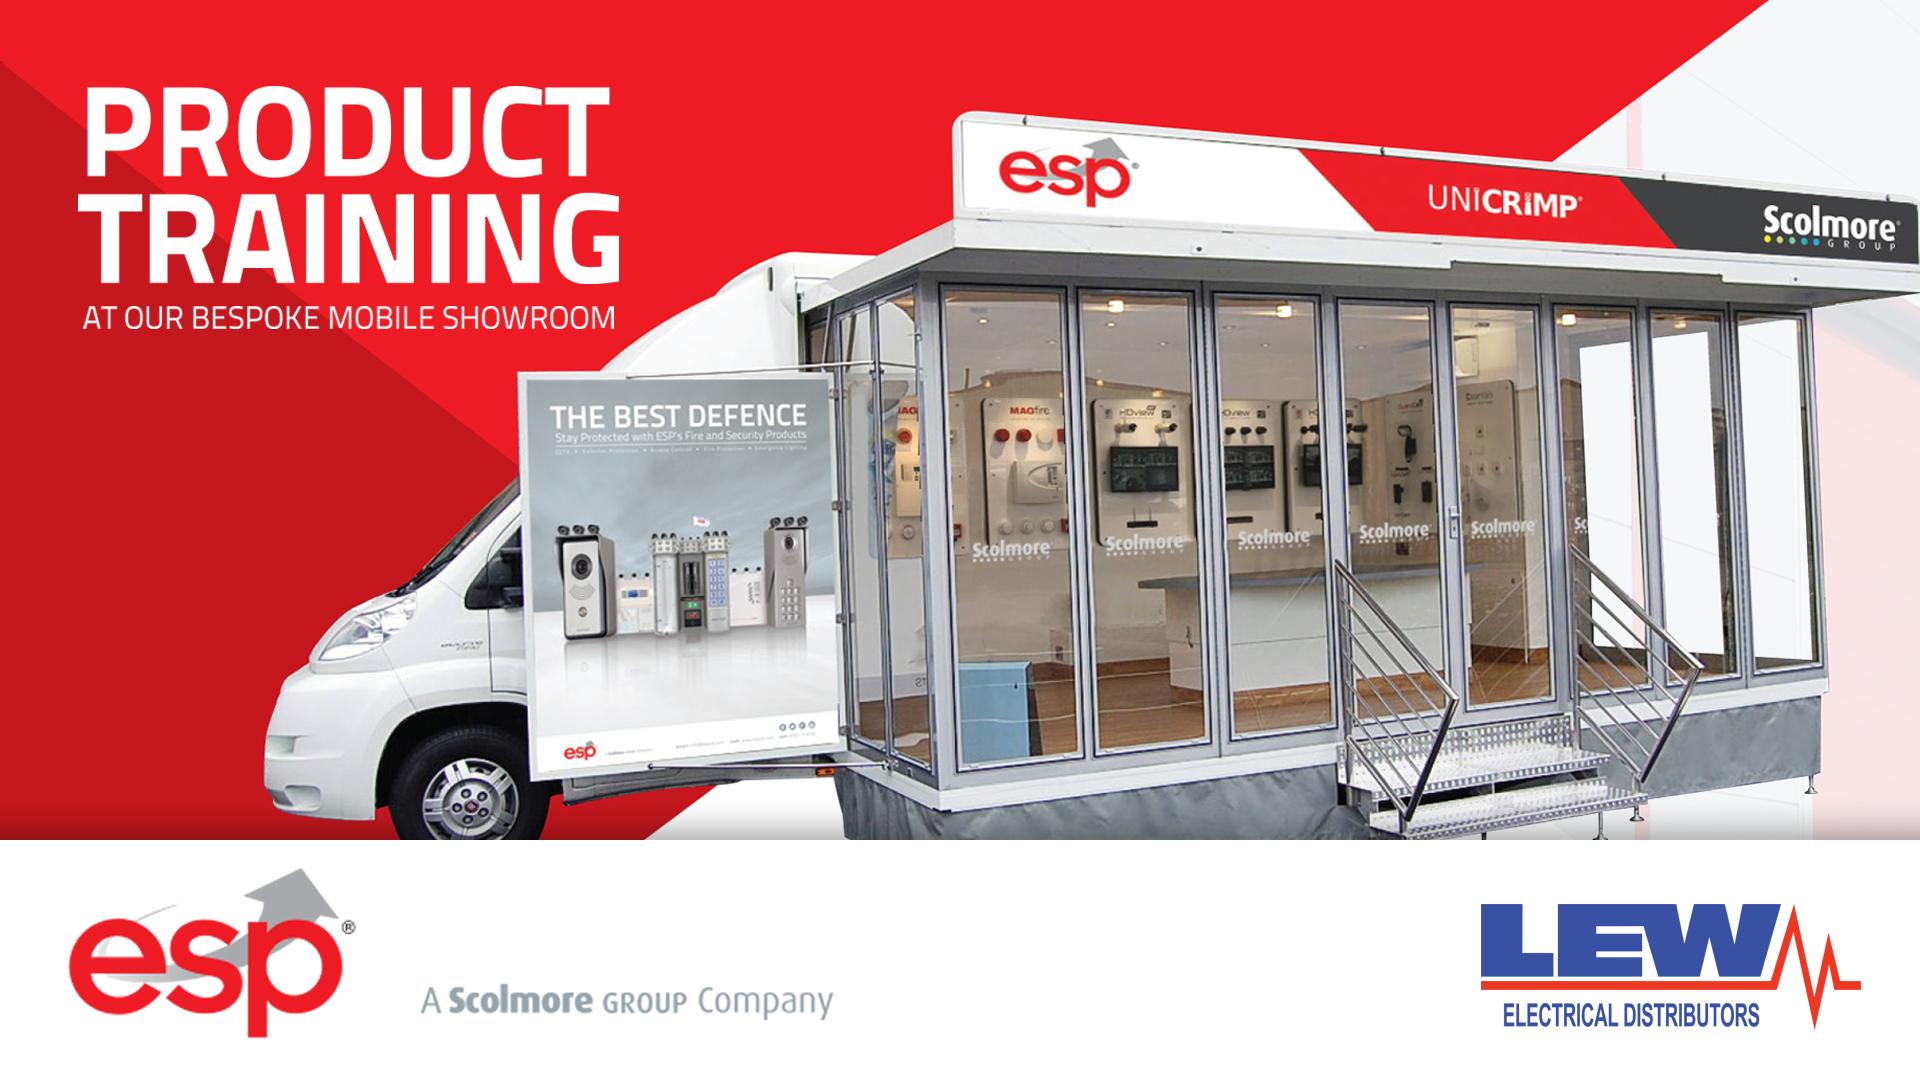 ESP Showroom at LEW